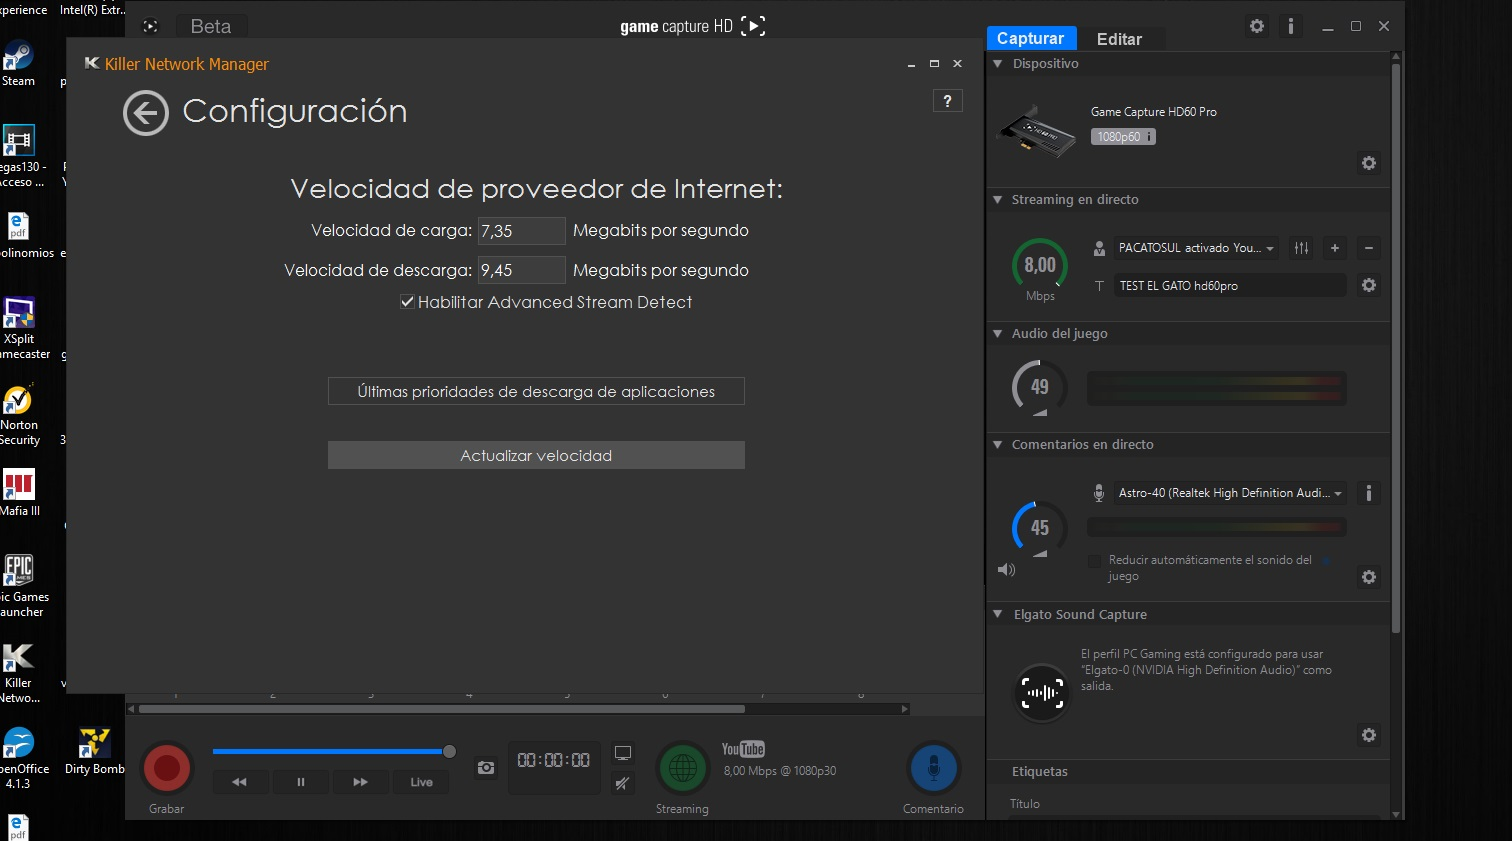 Captura de pantalla (3).jpg